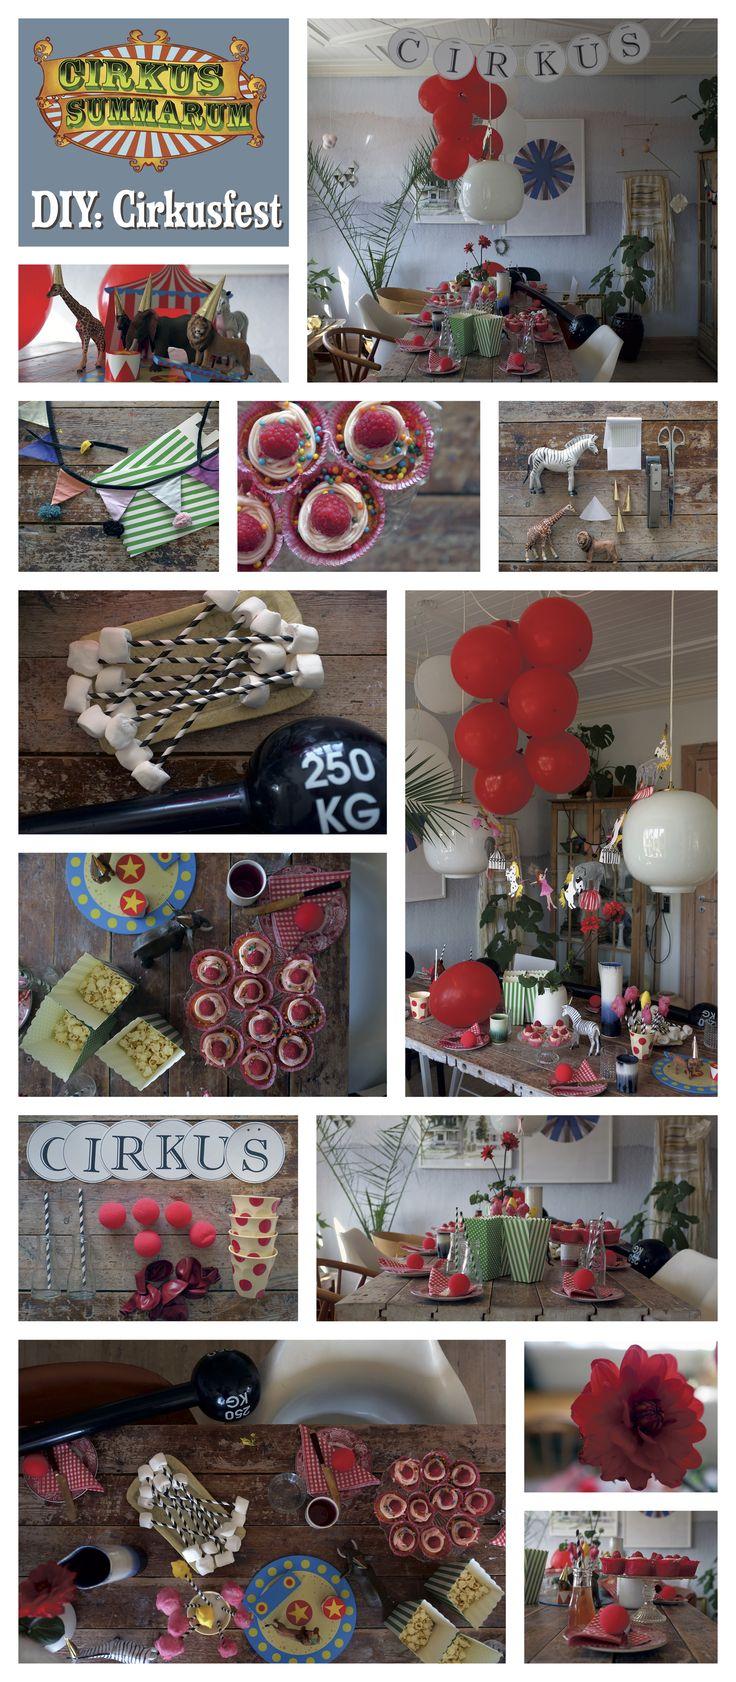 Så er det tid til at holde cirkusfest for alle vennerne!  Læs mere påwww.cirkussummarum.dk    Tak til @myhouseins for at lave denne DIY :)